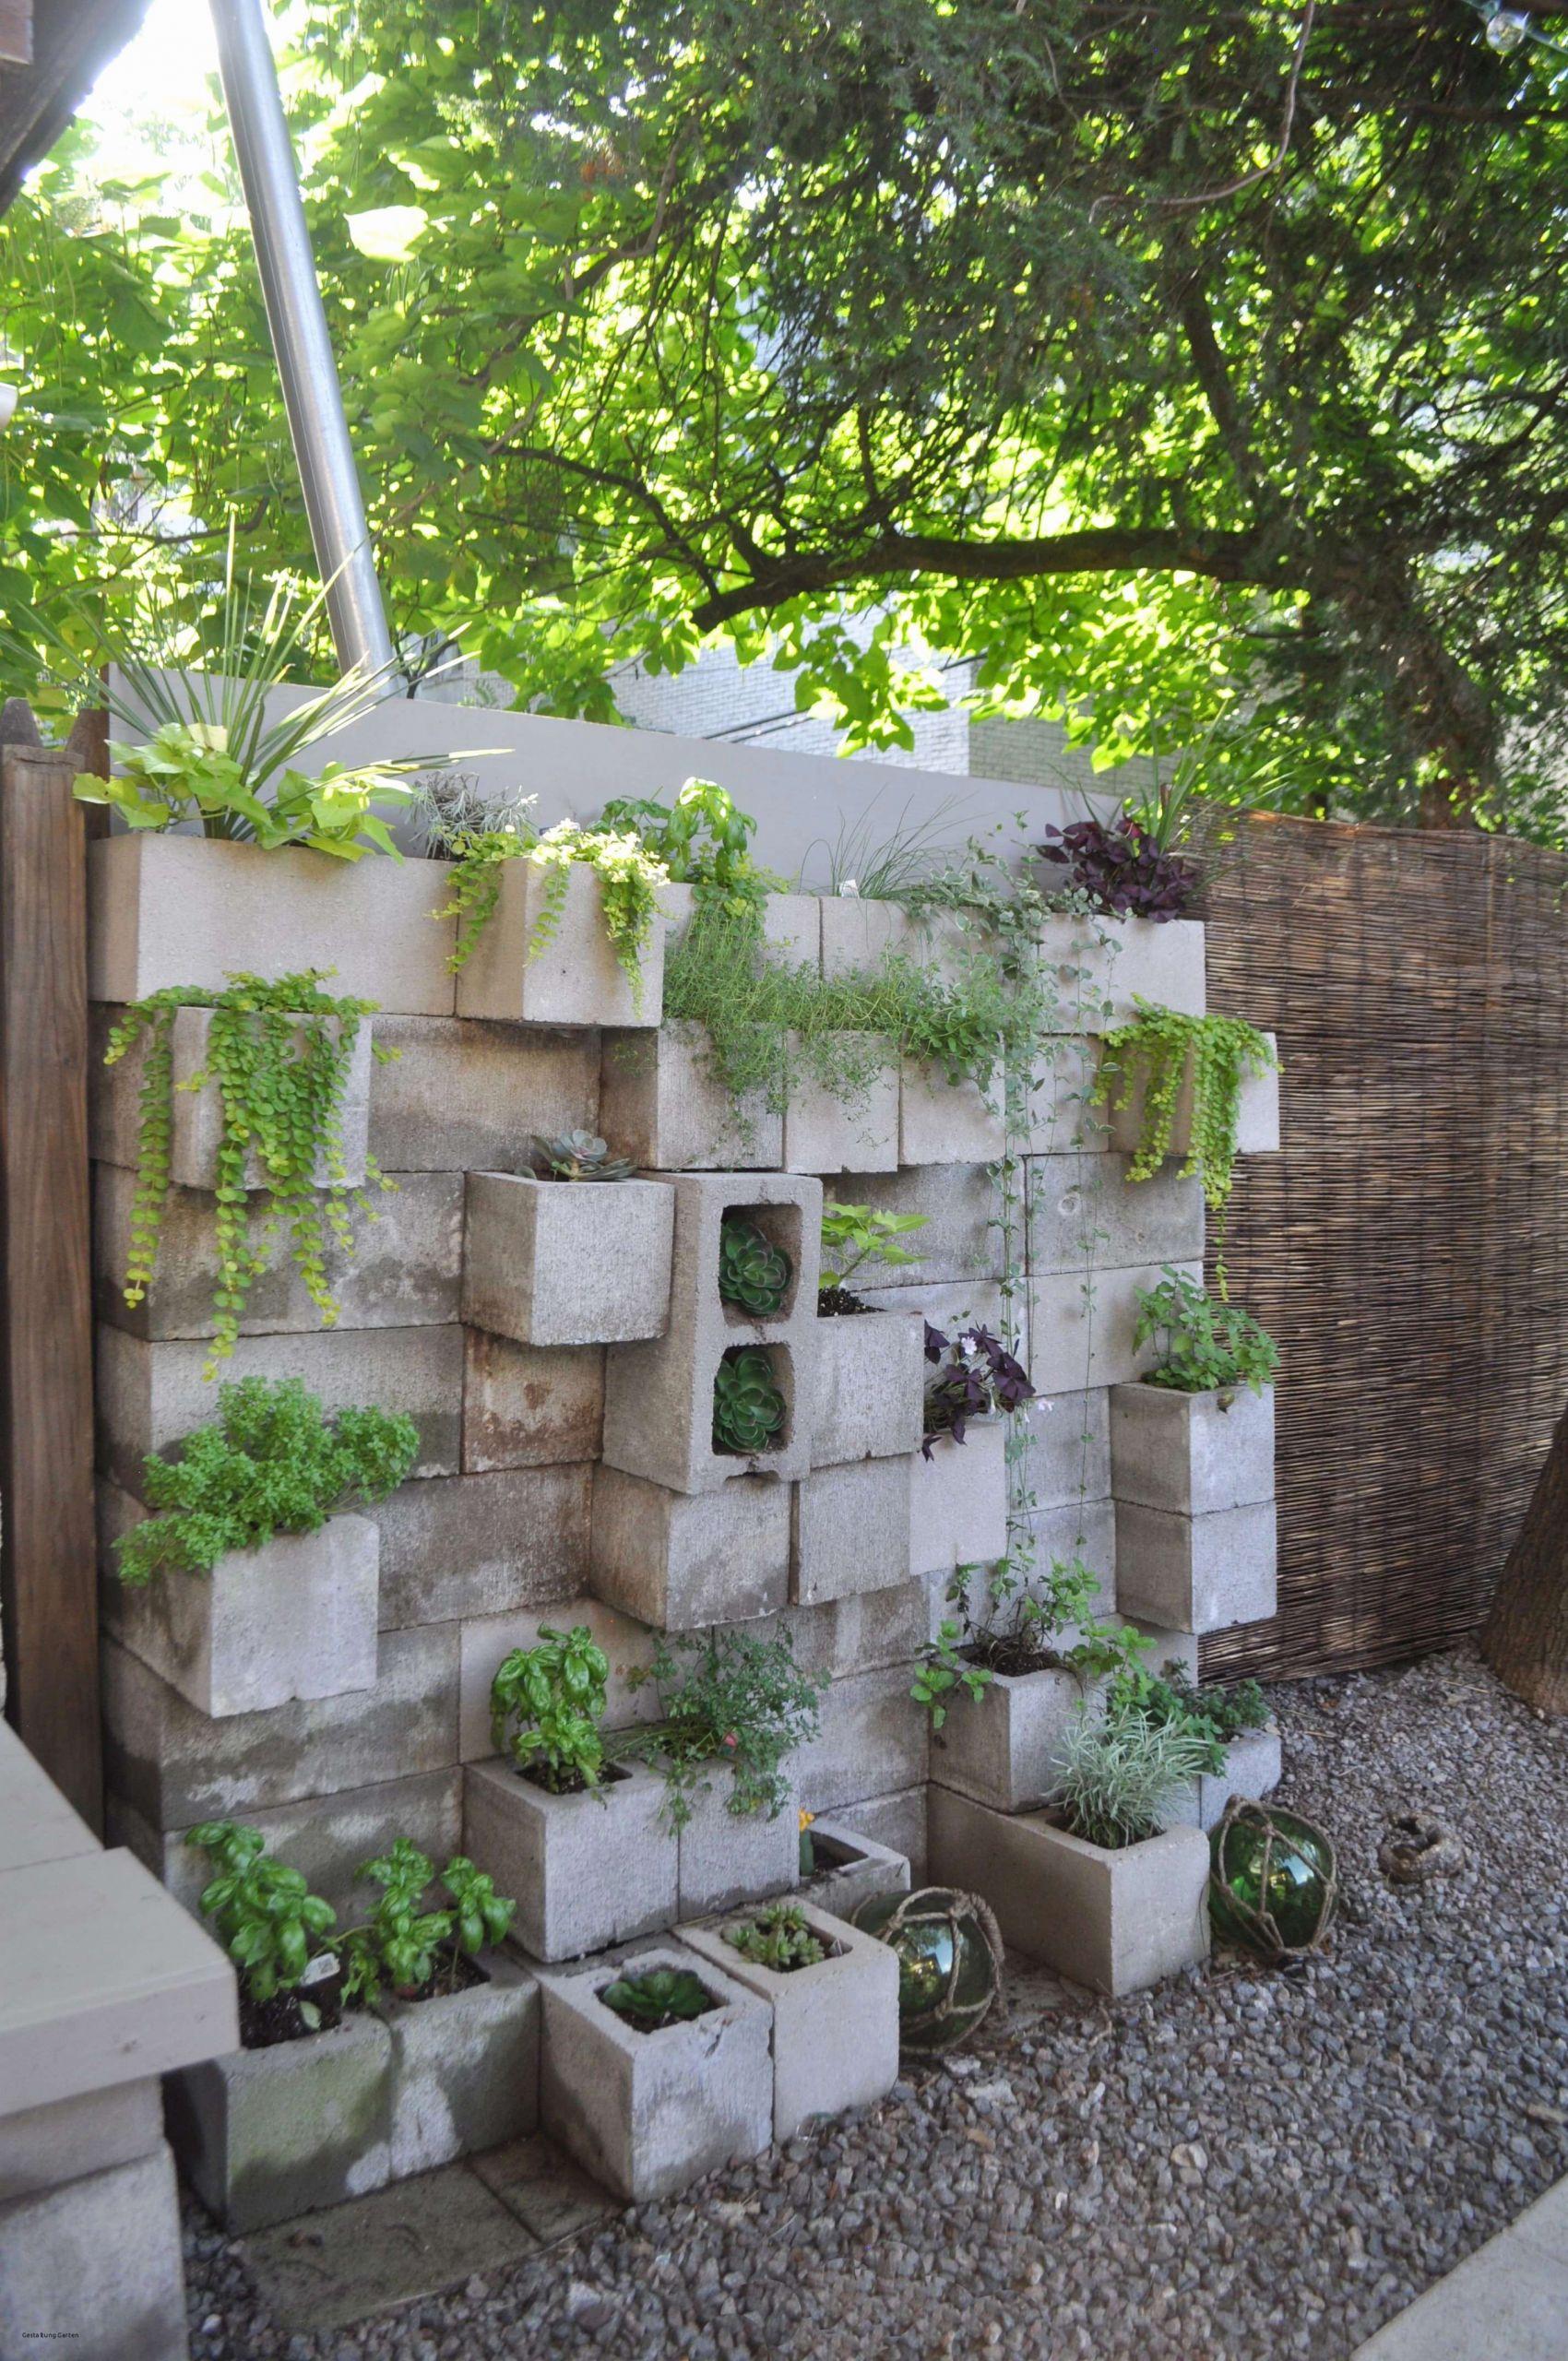 Asiatischer Garten Schön Gartengestaltung Ideen Bilder — Temobardz Home Blog